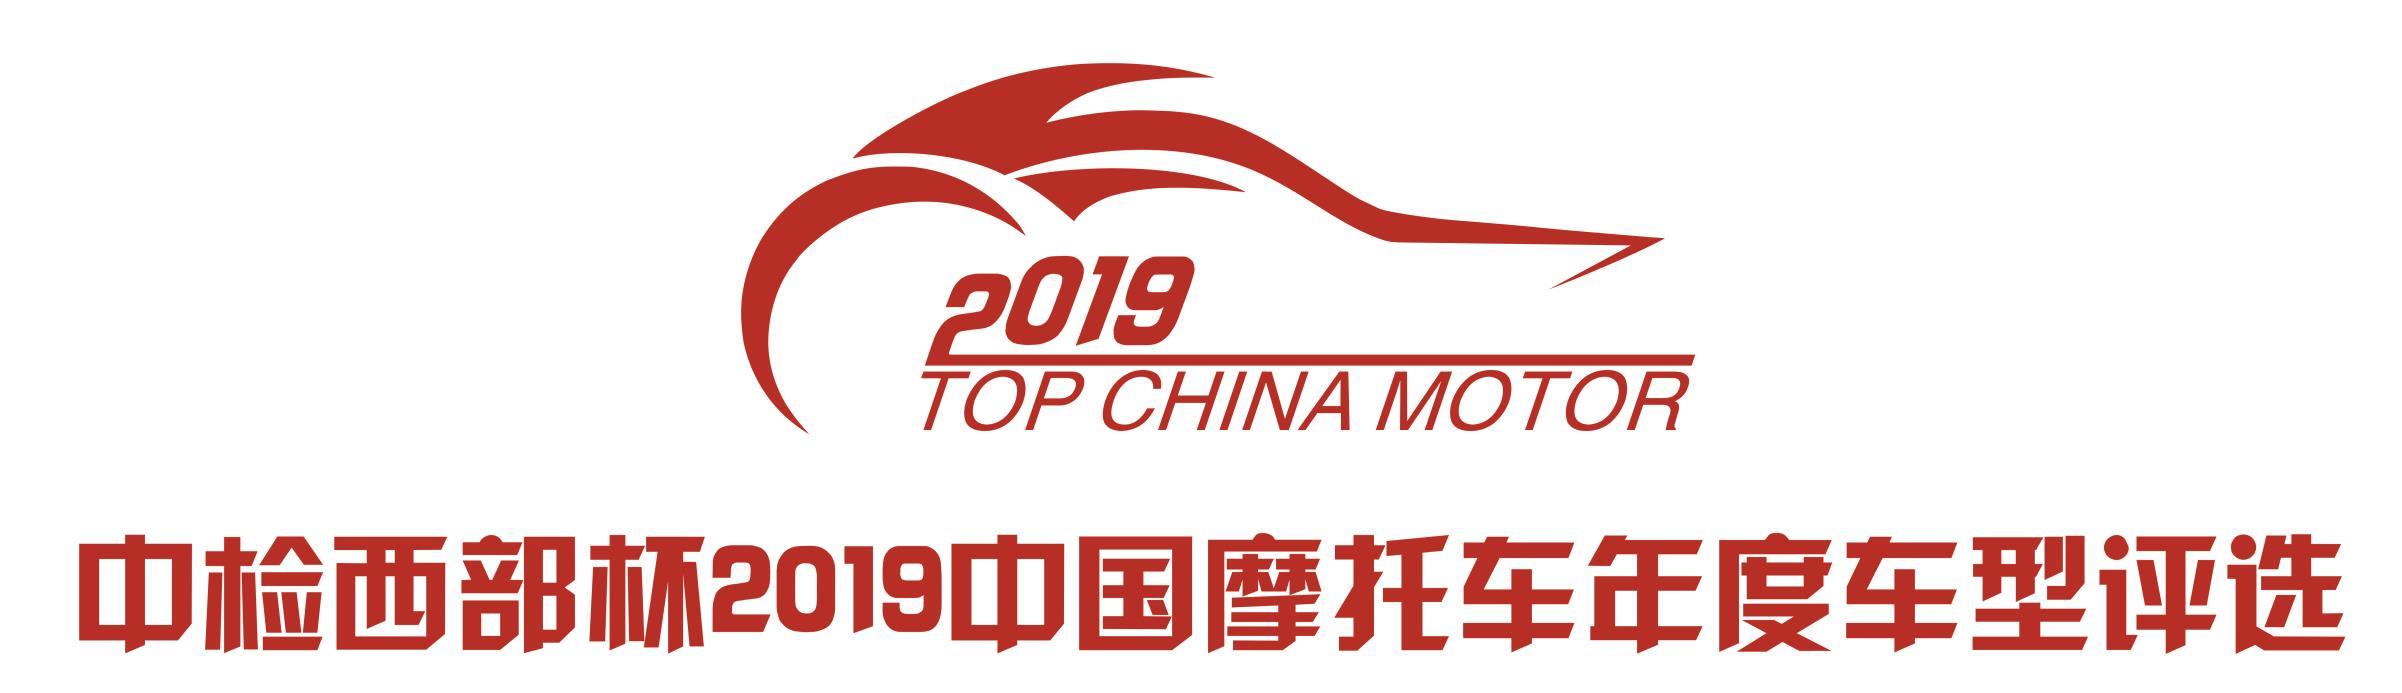 2019中国摩托车十佳车型榜单出炉,有没有你爱的座驾?